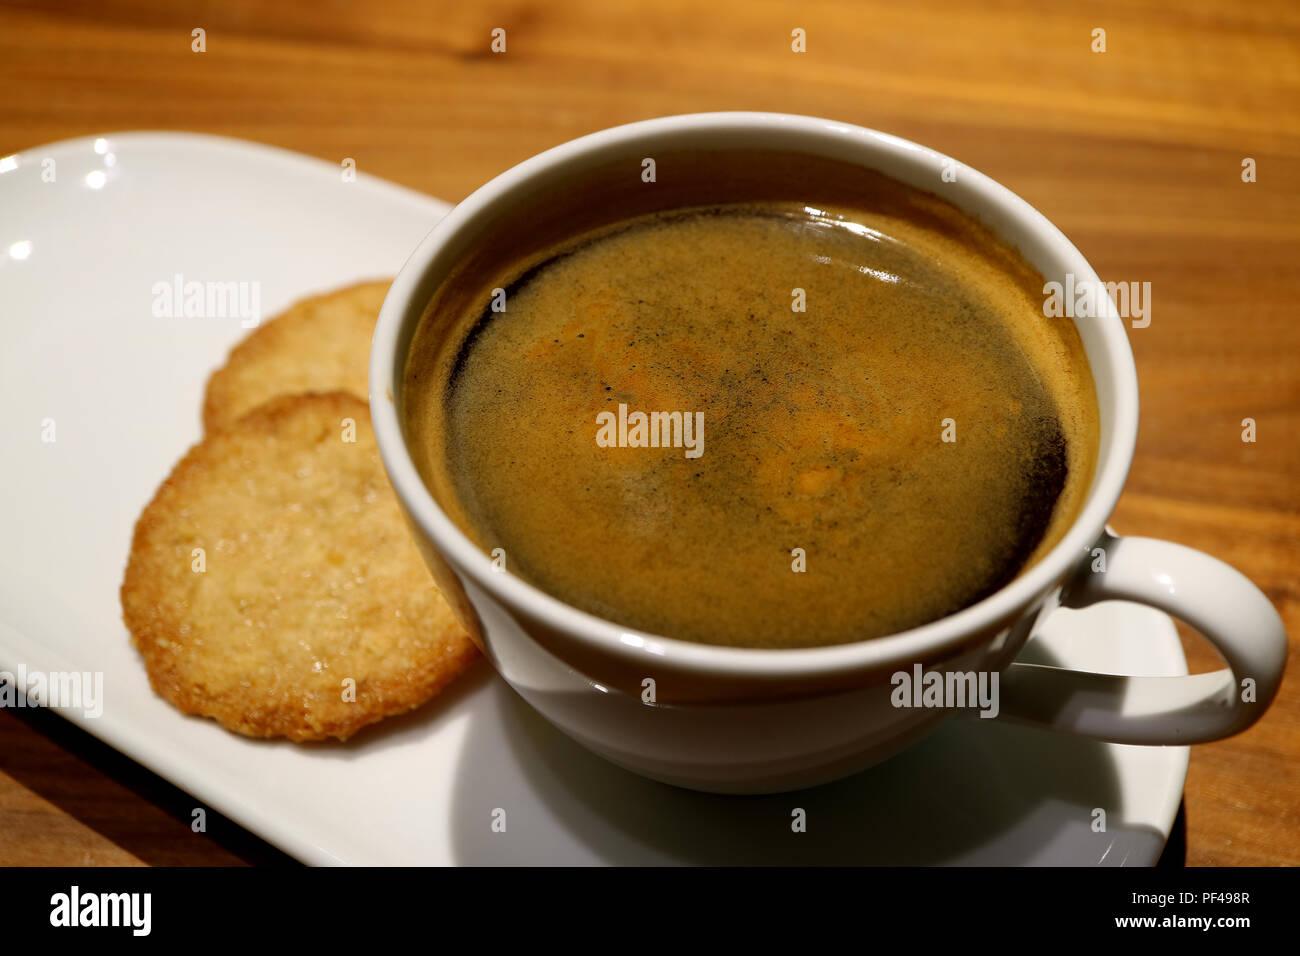 Cerró una taza de café caliente servido con galletas de mantequilla sobre la mesa de madera Imagen De Stock